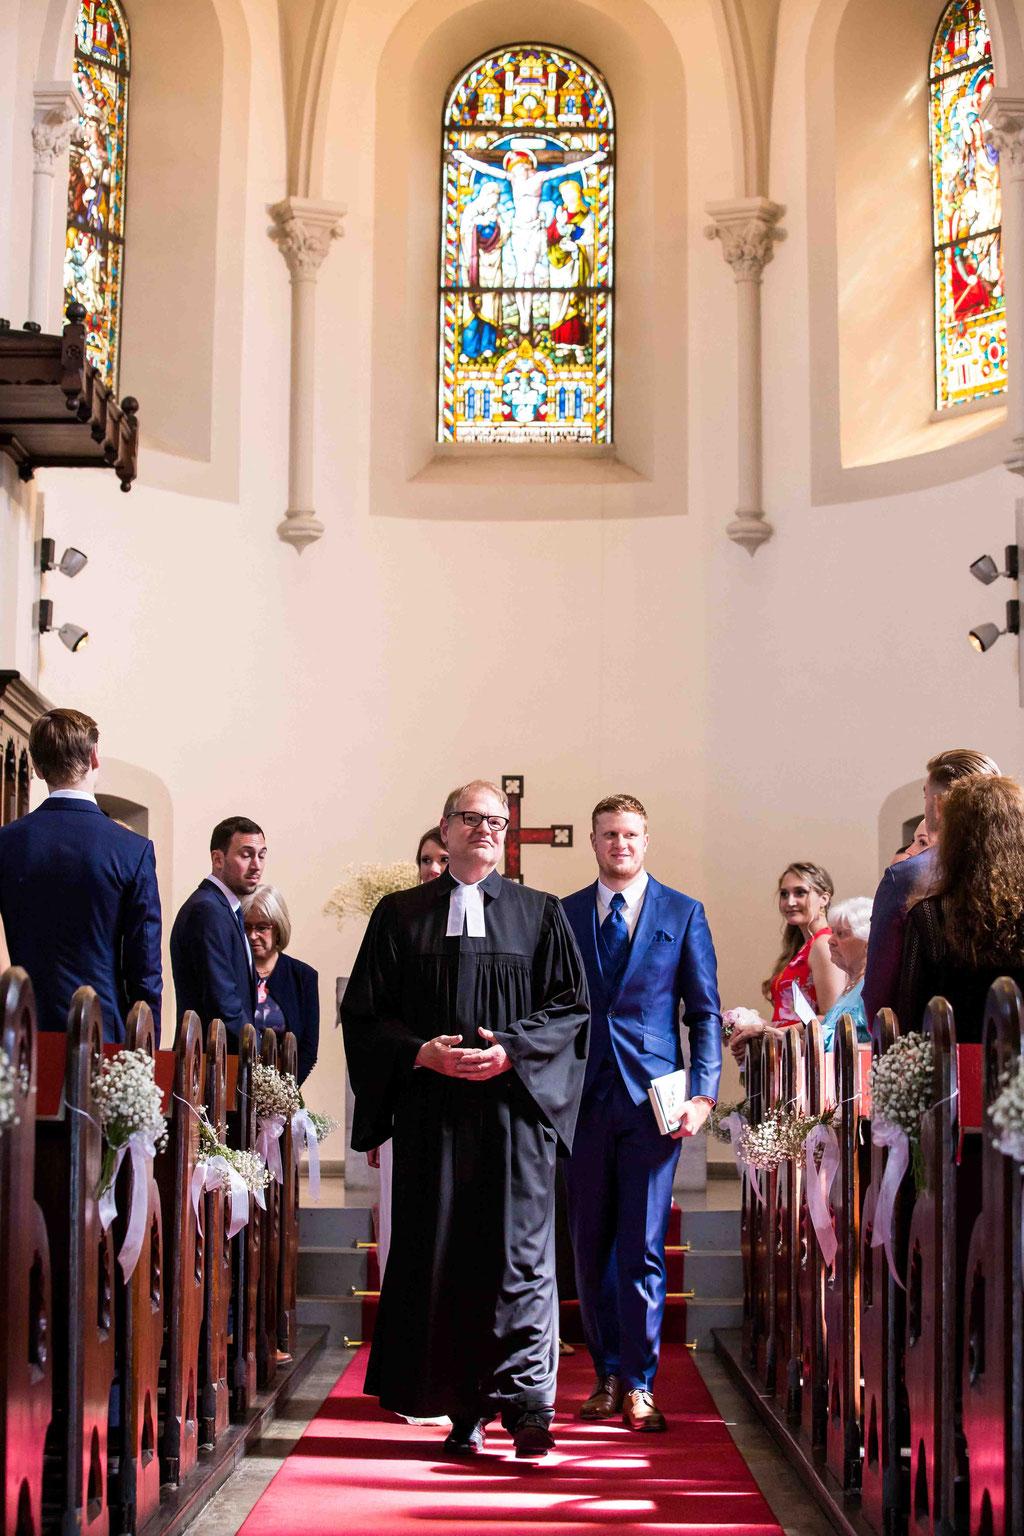 Hochzeitsfotograf, Hochzeitsreportage, Hochzeitslocation Schloss Schönborn Rheingau, Winkeler Str. 64, 65366 Geisenheim, Ausgang aus der Kirche, Hochzeit, Hochzeitsbilder der Familie